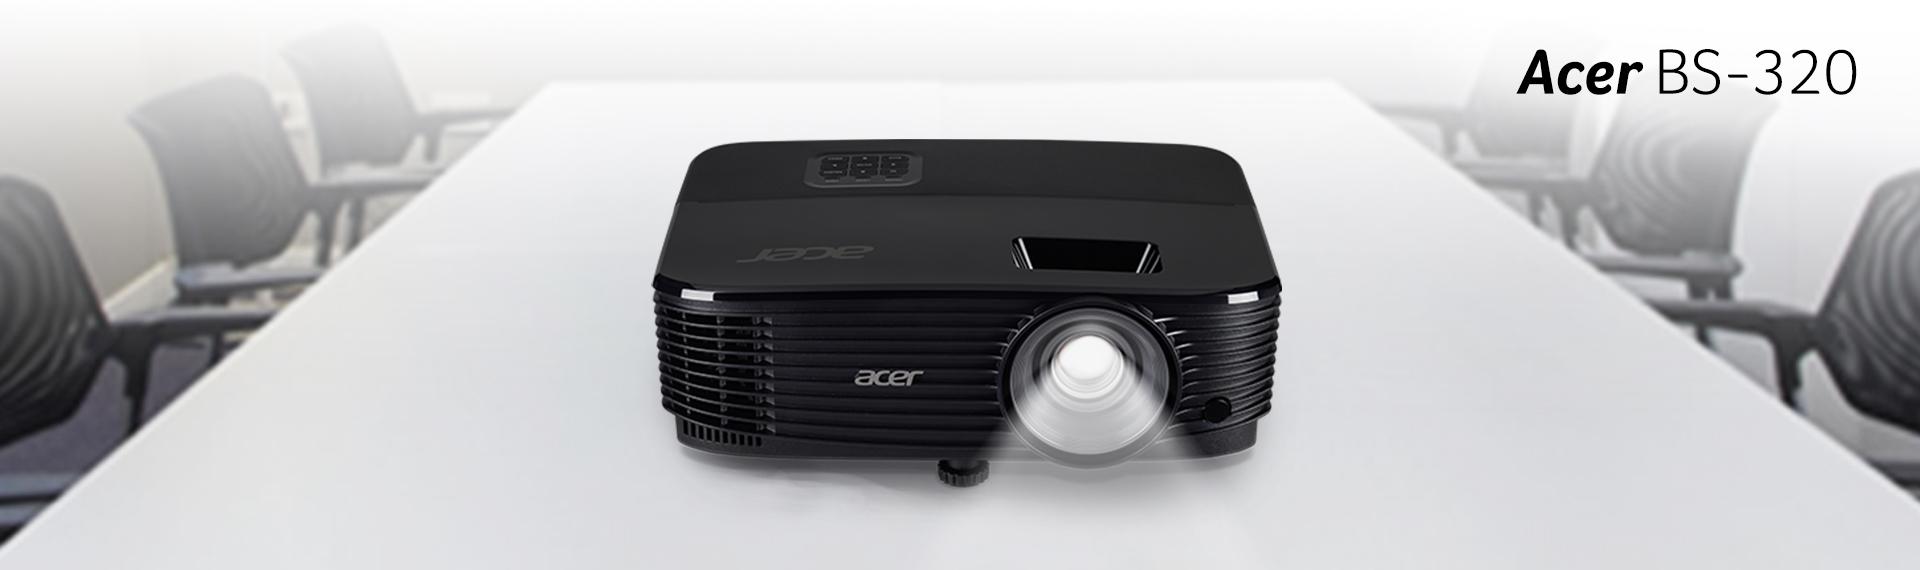 Acer Proyektor BS-320, Ideal untuk Segala Kebutuhan